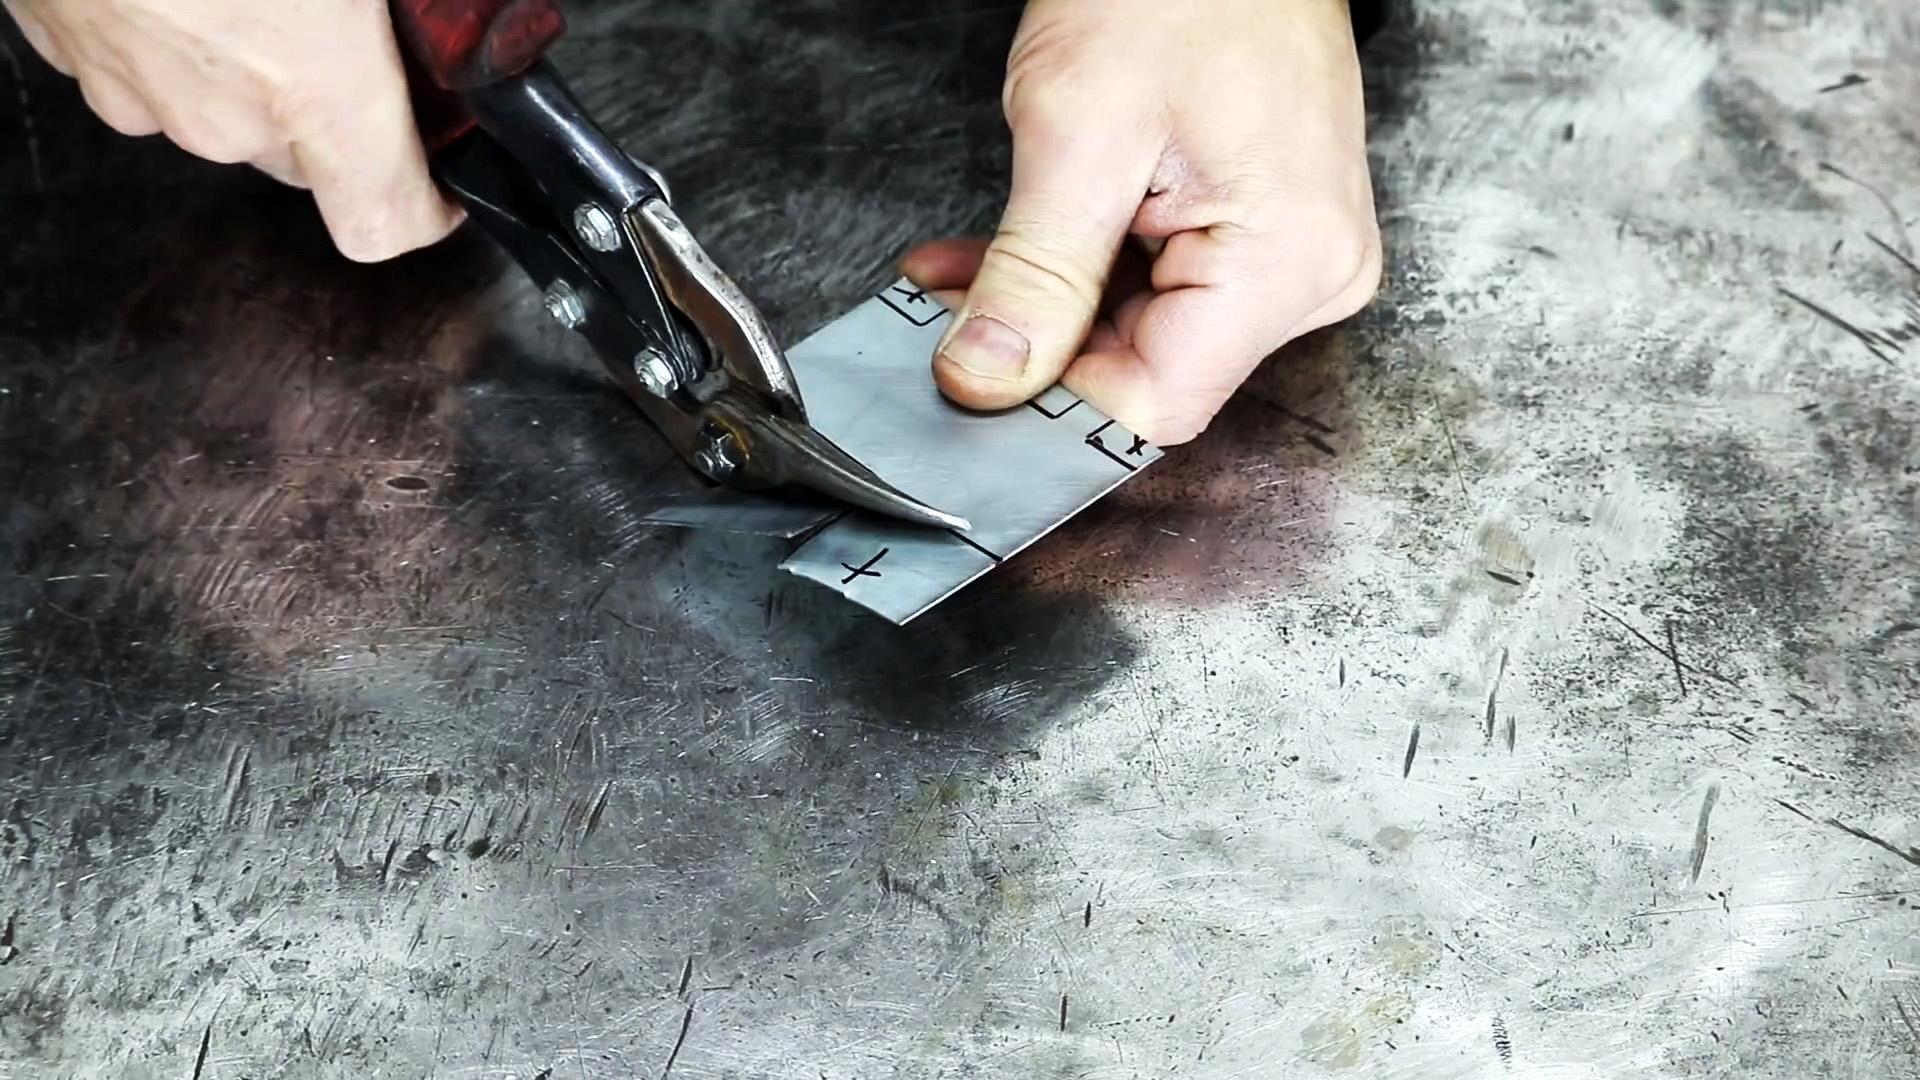 Как сделать прищепку на рулетку для точных угловых замеров